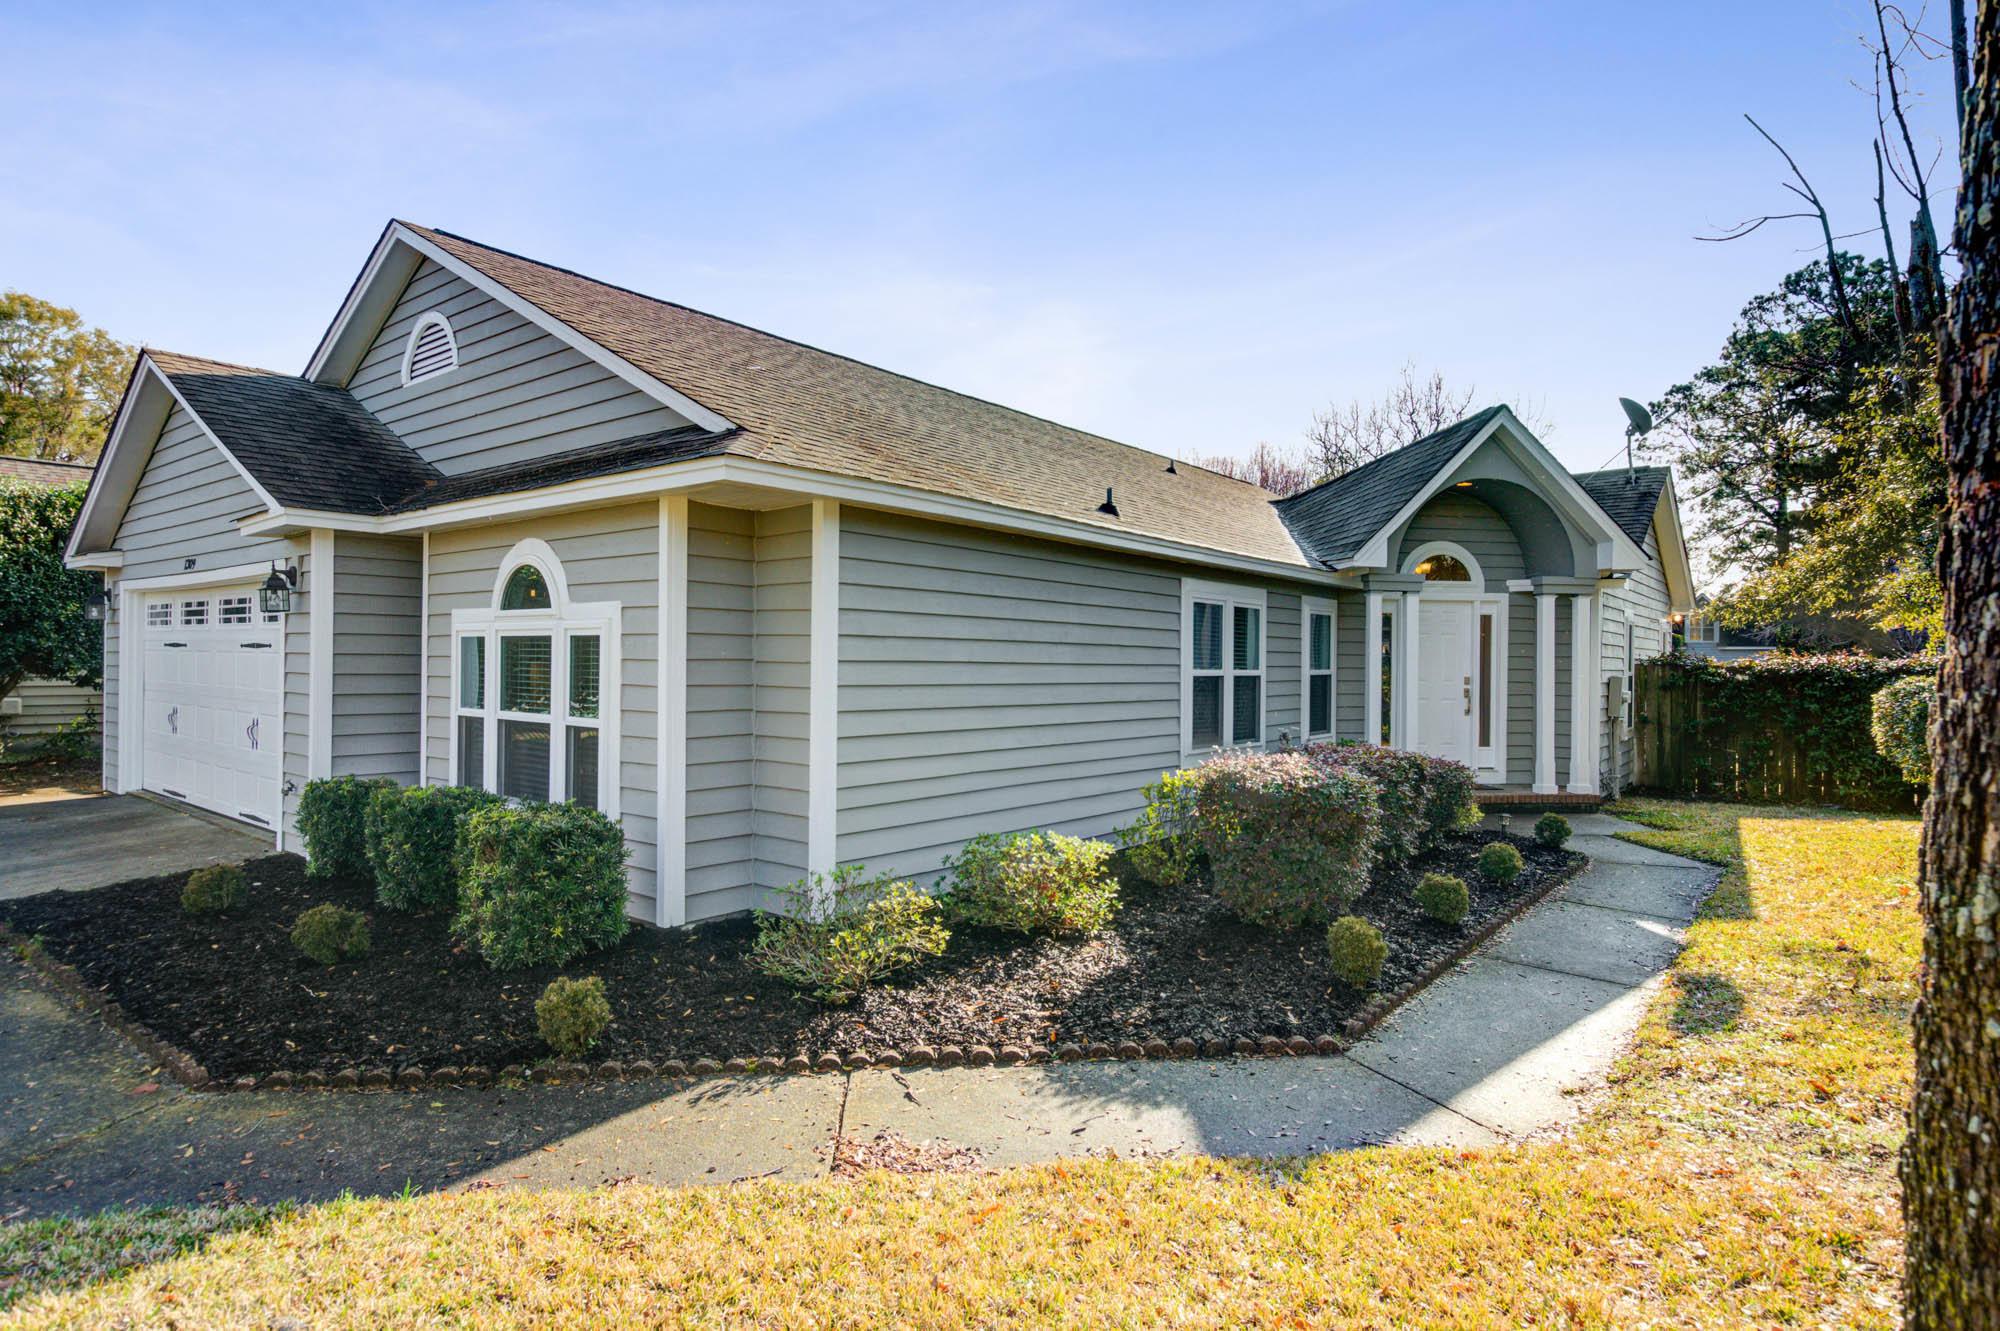 Chelsea Park Homes For Sale - 1309 Pilsdon, Mount Pleasant, SC - 24